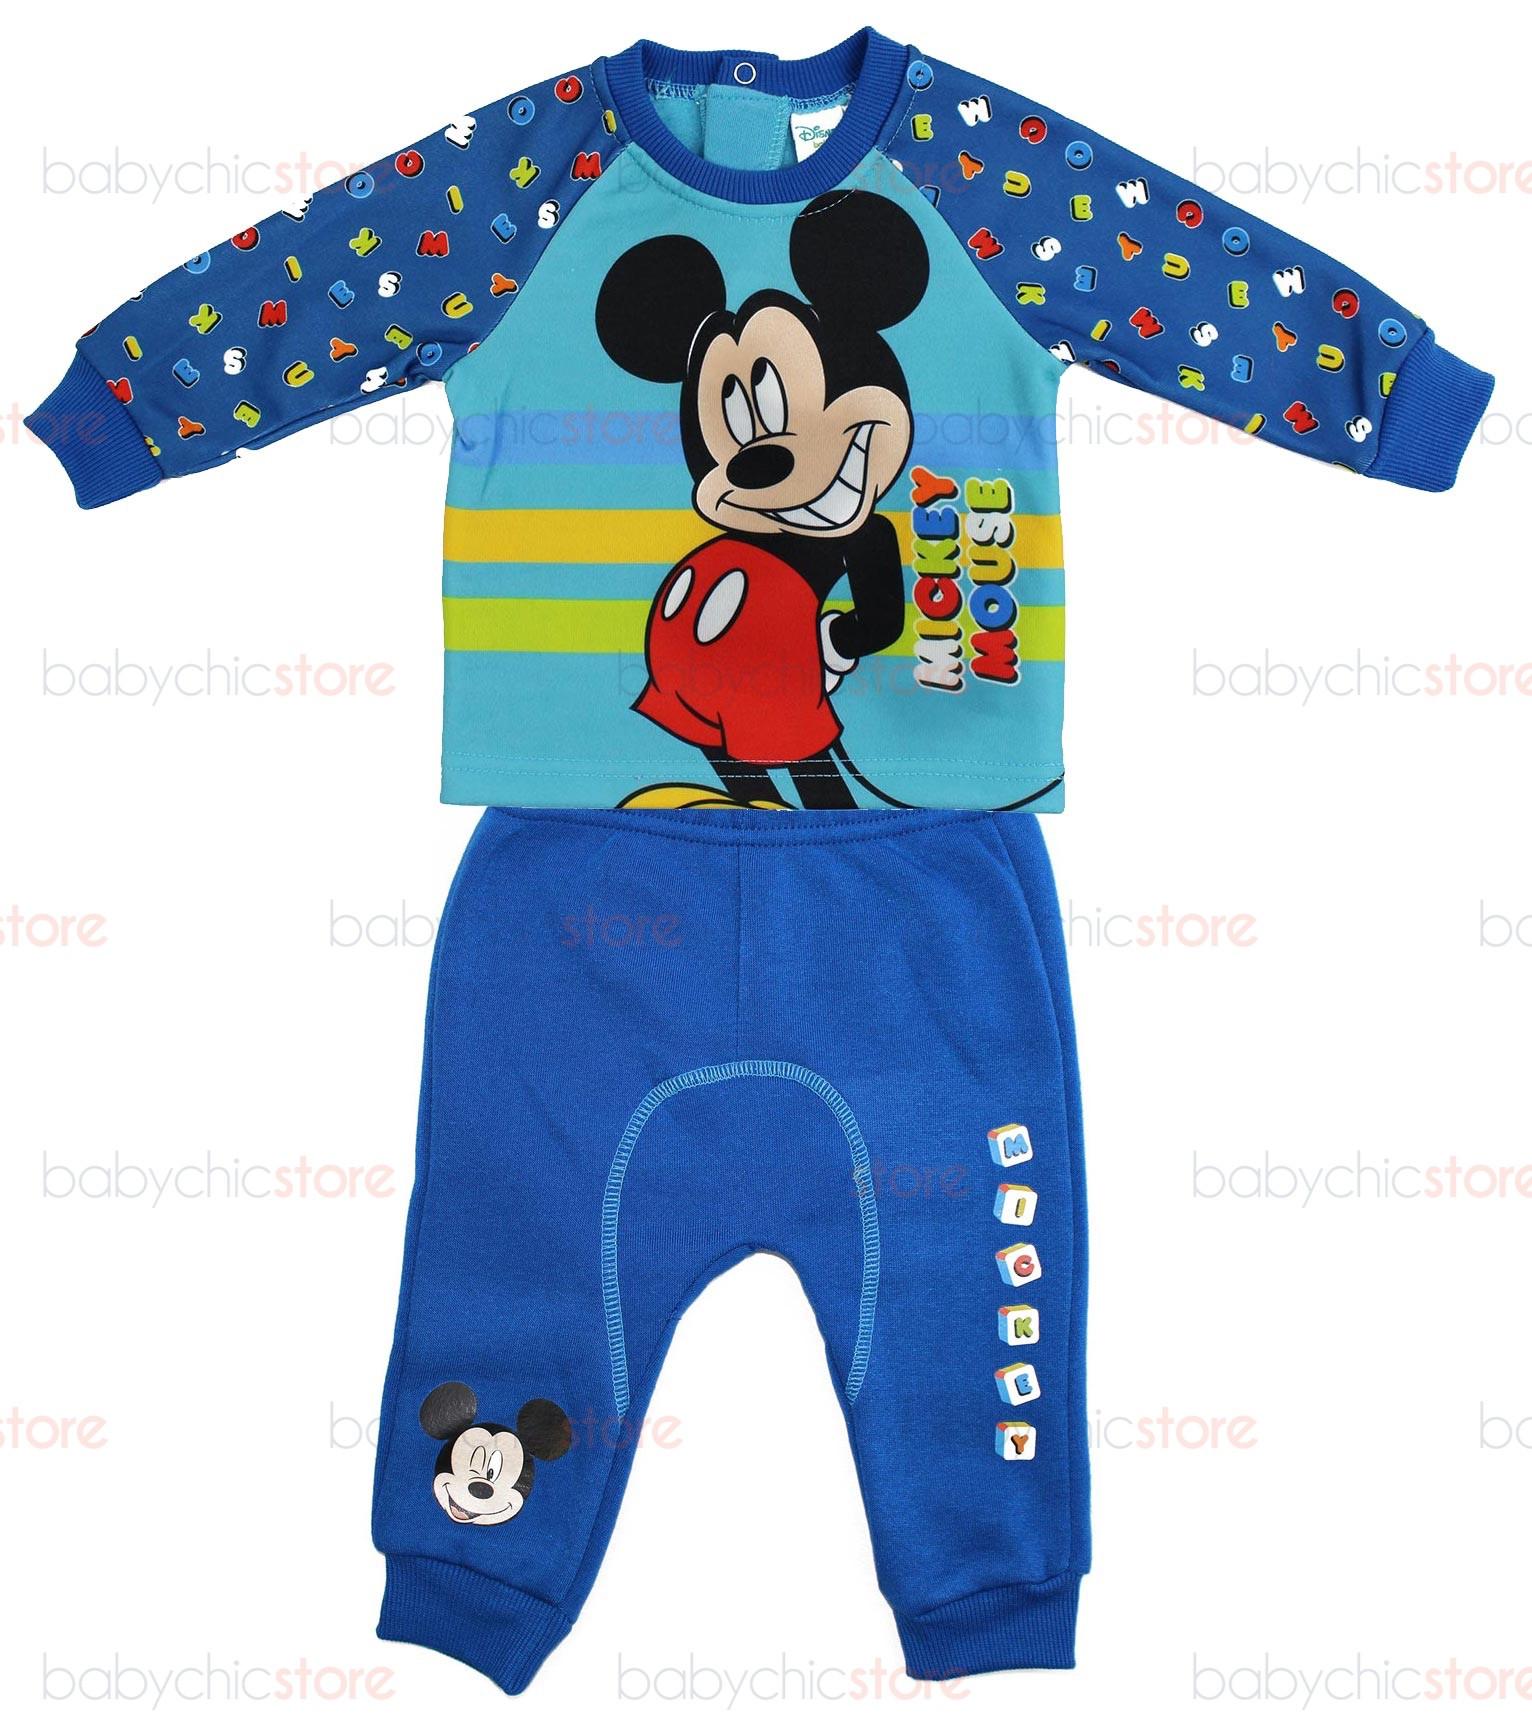 Chándal Mickey Mouse - Azul / Celeste 12M